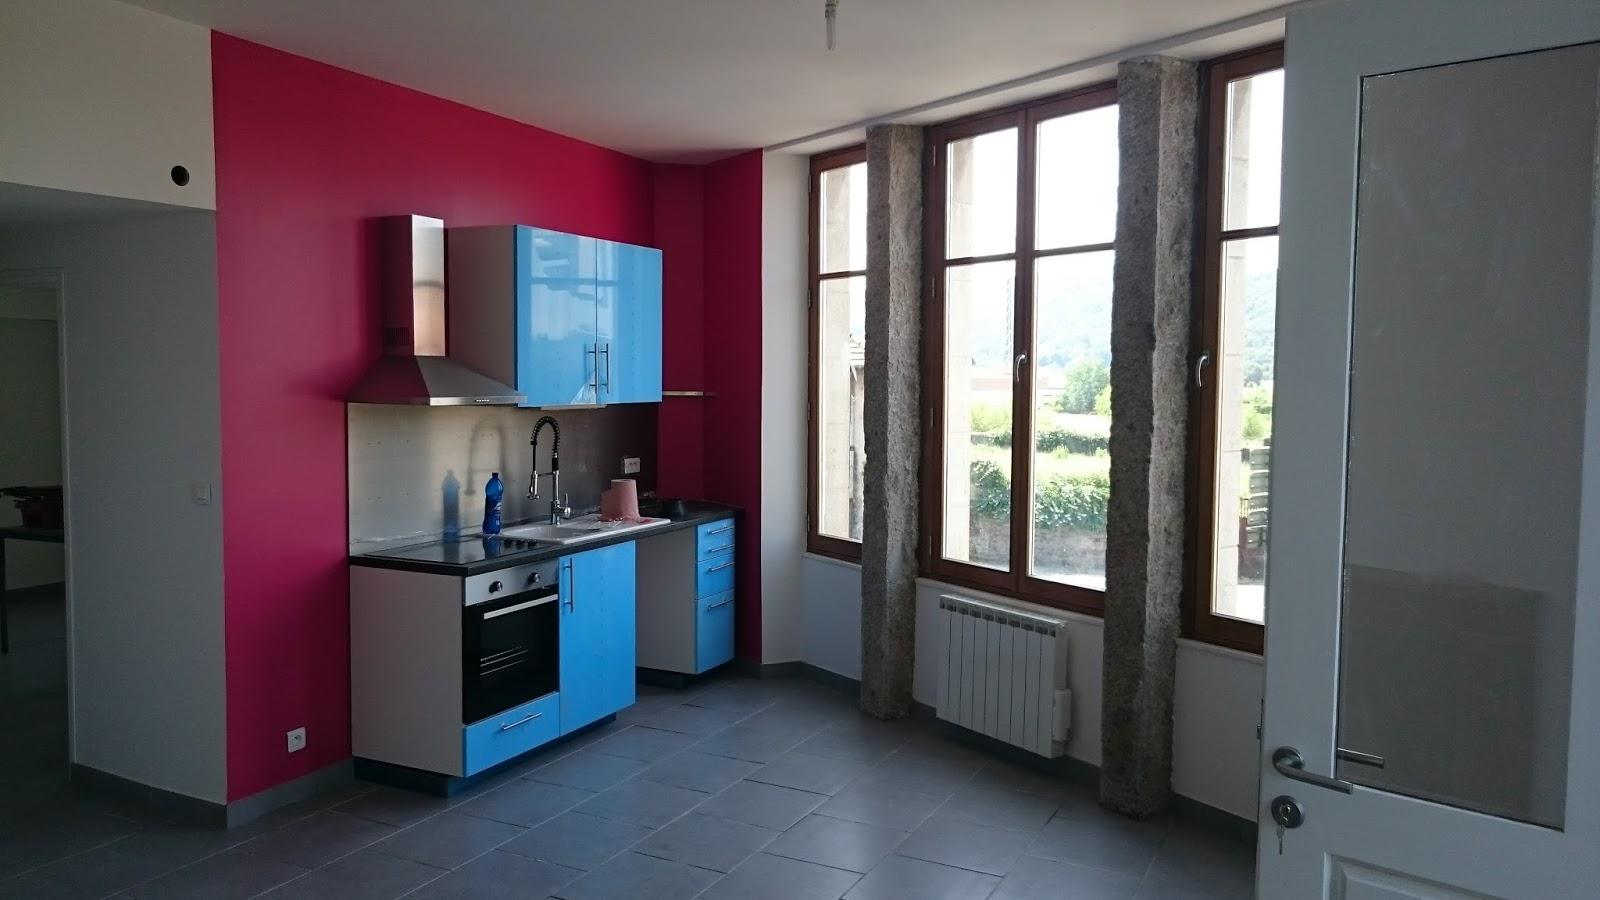 rénovation d'une maison DSC_1226